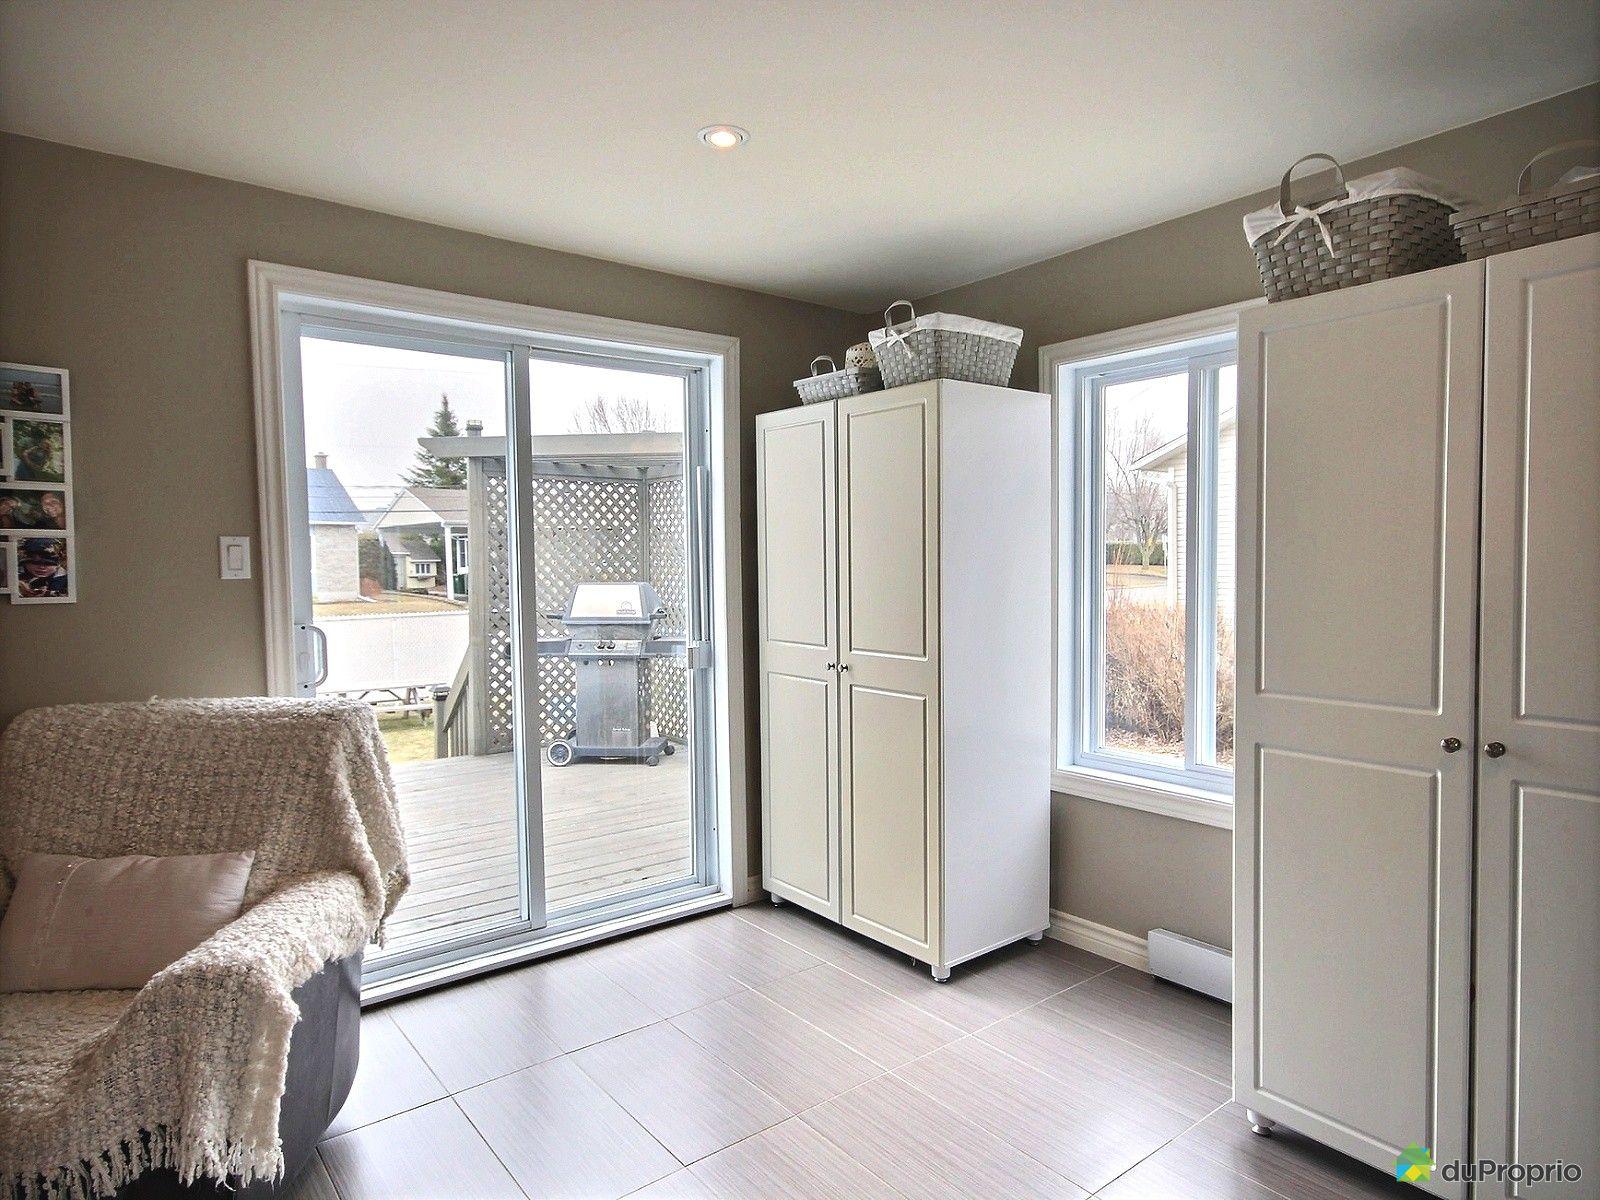 verriere d entrée - 28 images - deco interieur maison cuisine ...